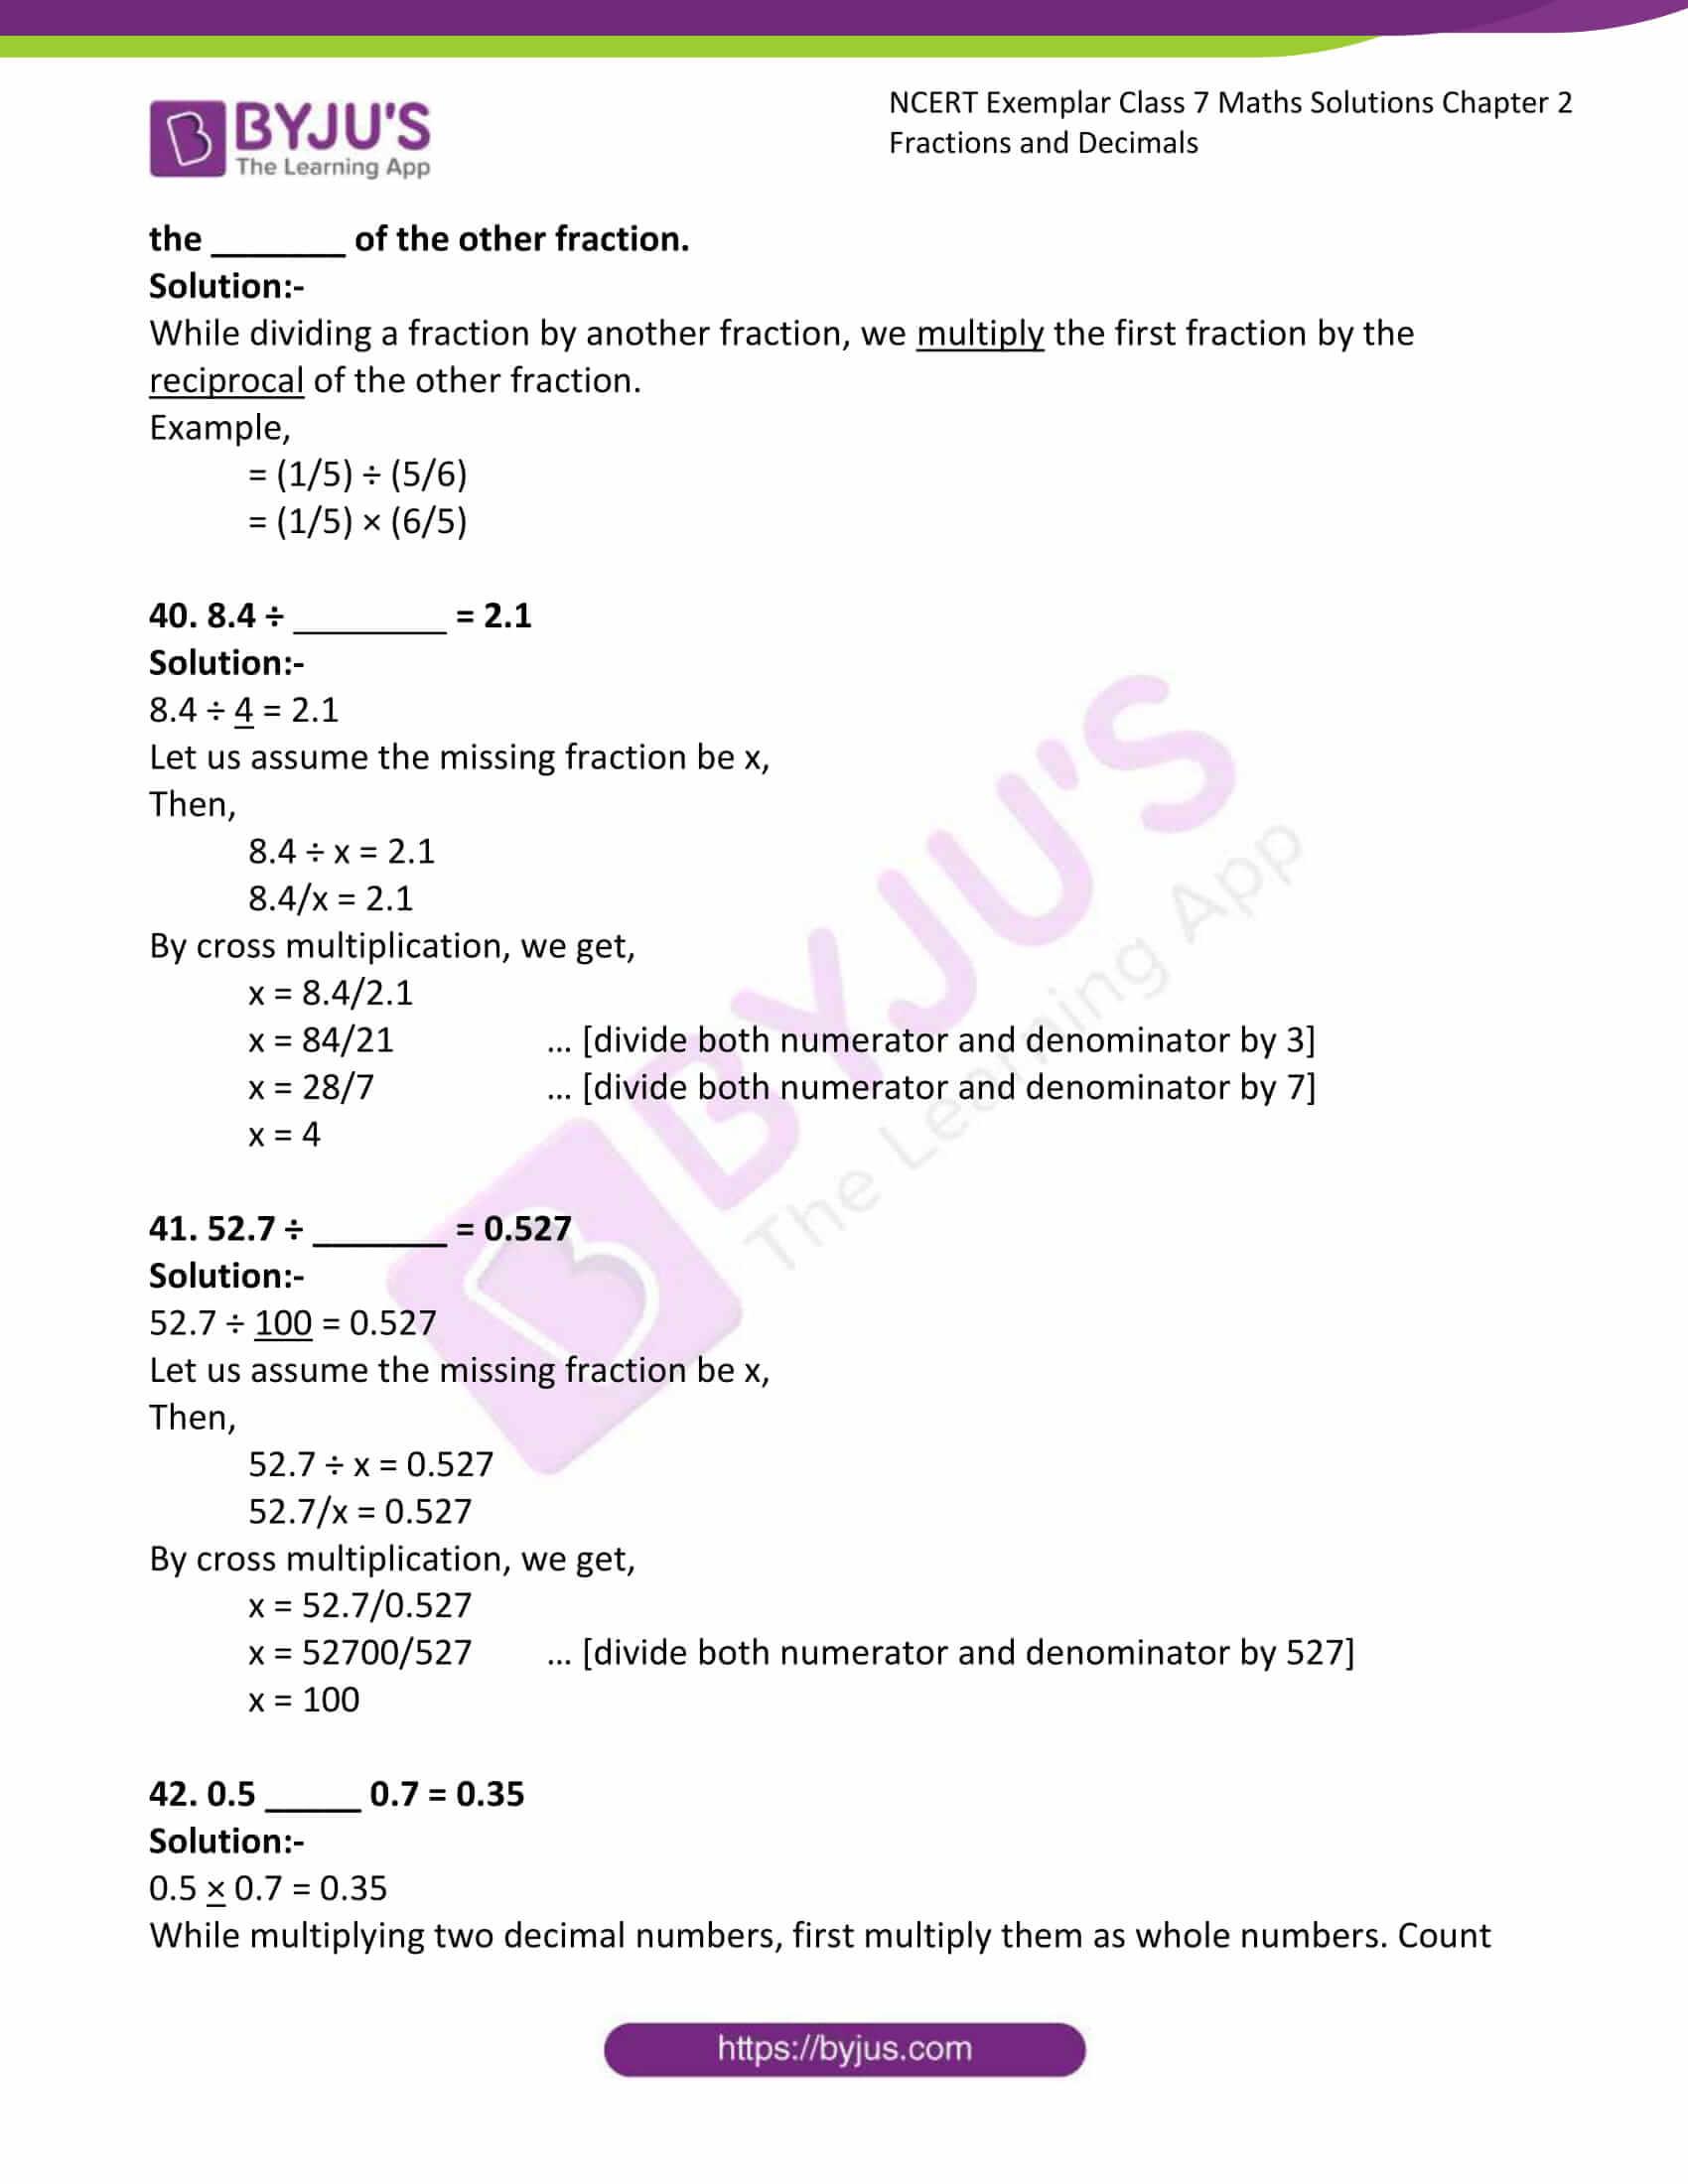 ncert exemplar nov2020 class 7 maths solutions chapter 2 11